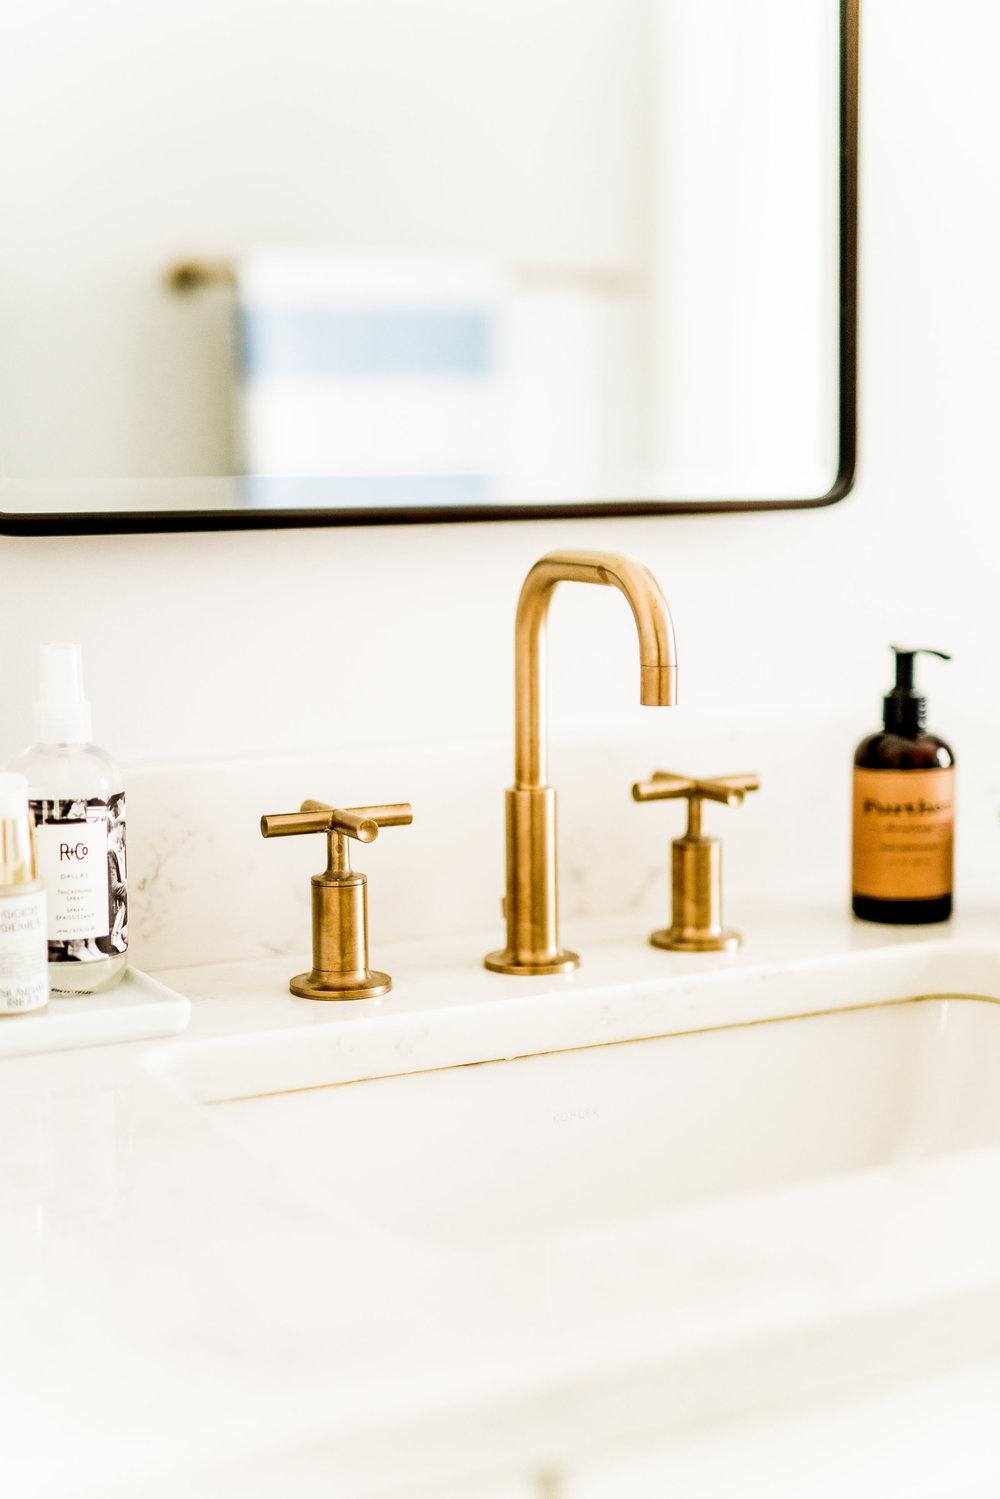 kohler-purist-faucet-2.jpg